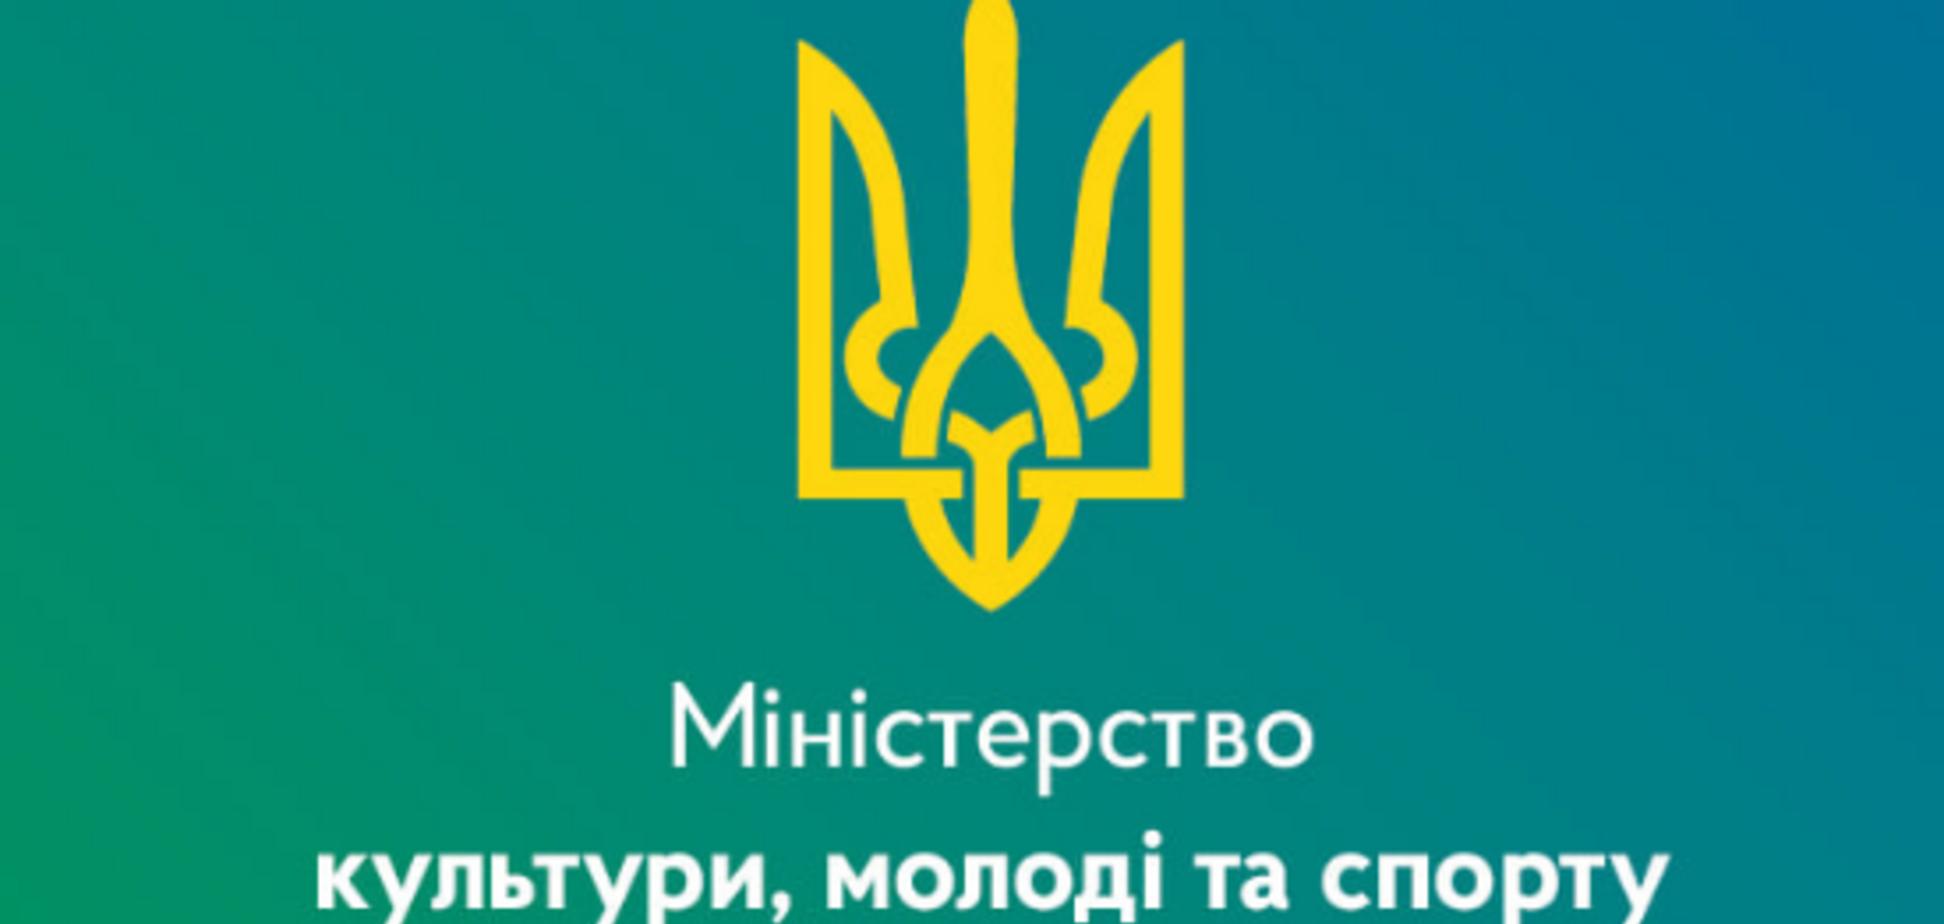 Міністерство культури, молоді та спорту